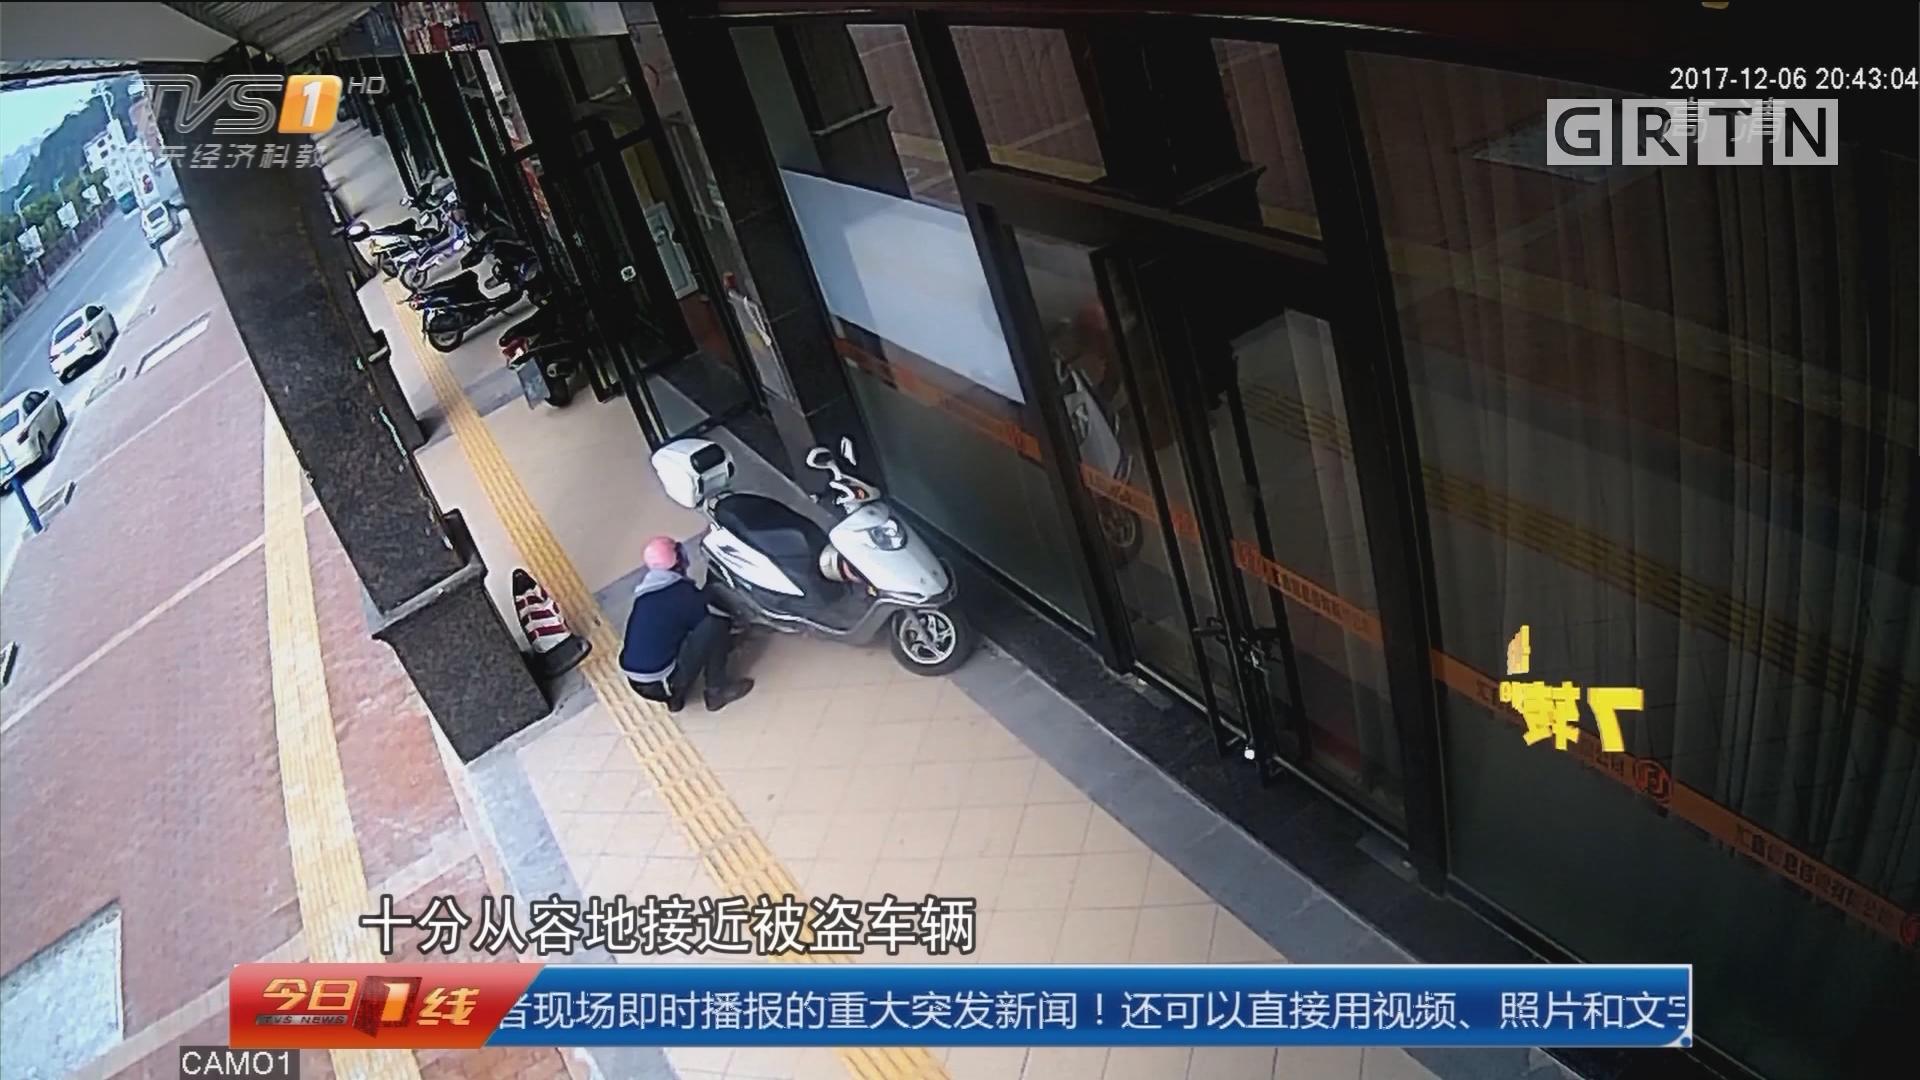 肇庆:戏精窃贼乔装作案 便衣狂追九条街